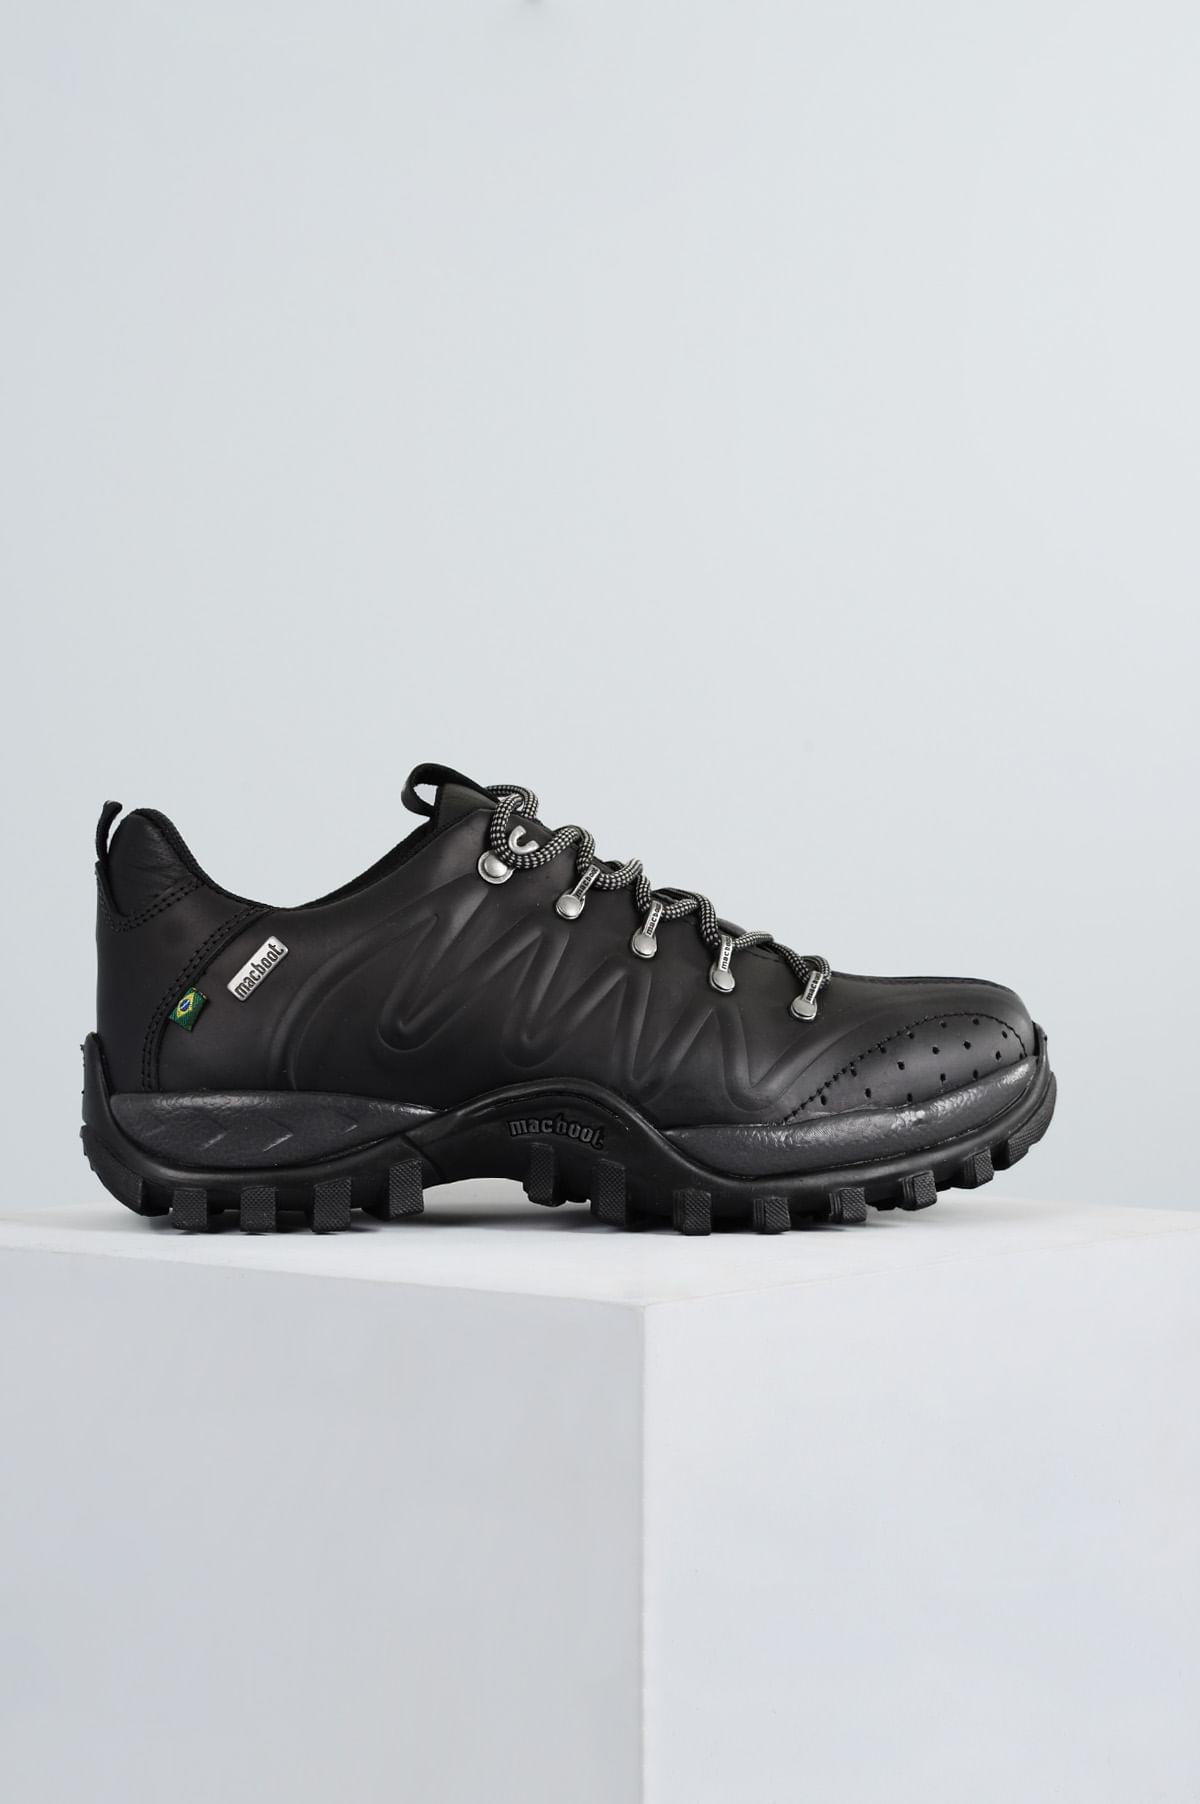 15746b91960d58 Bota Masculina Mac Boot Trujilo CR - GRAFITE - Mundial Calçados